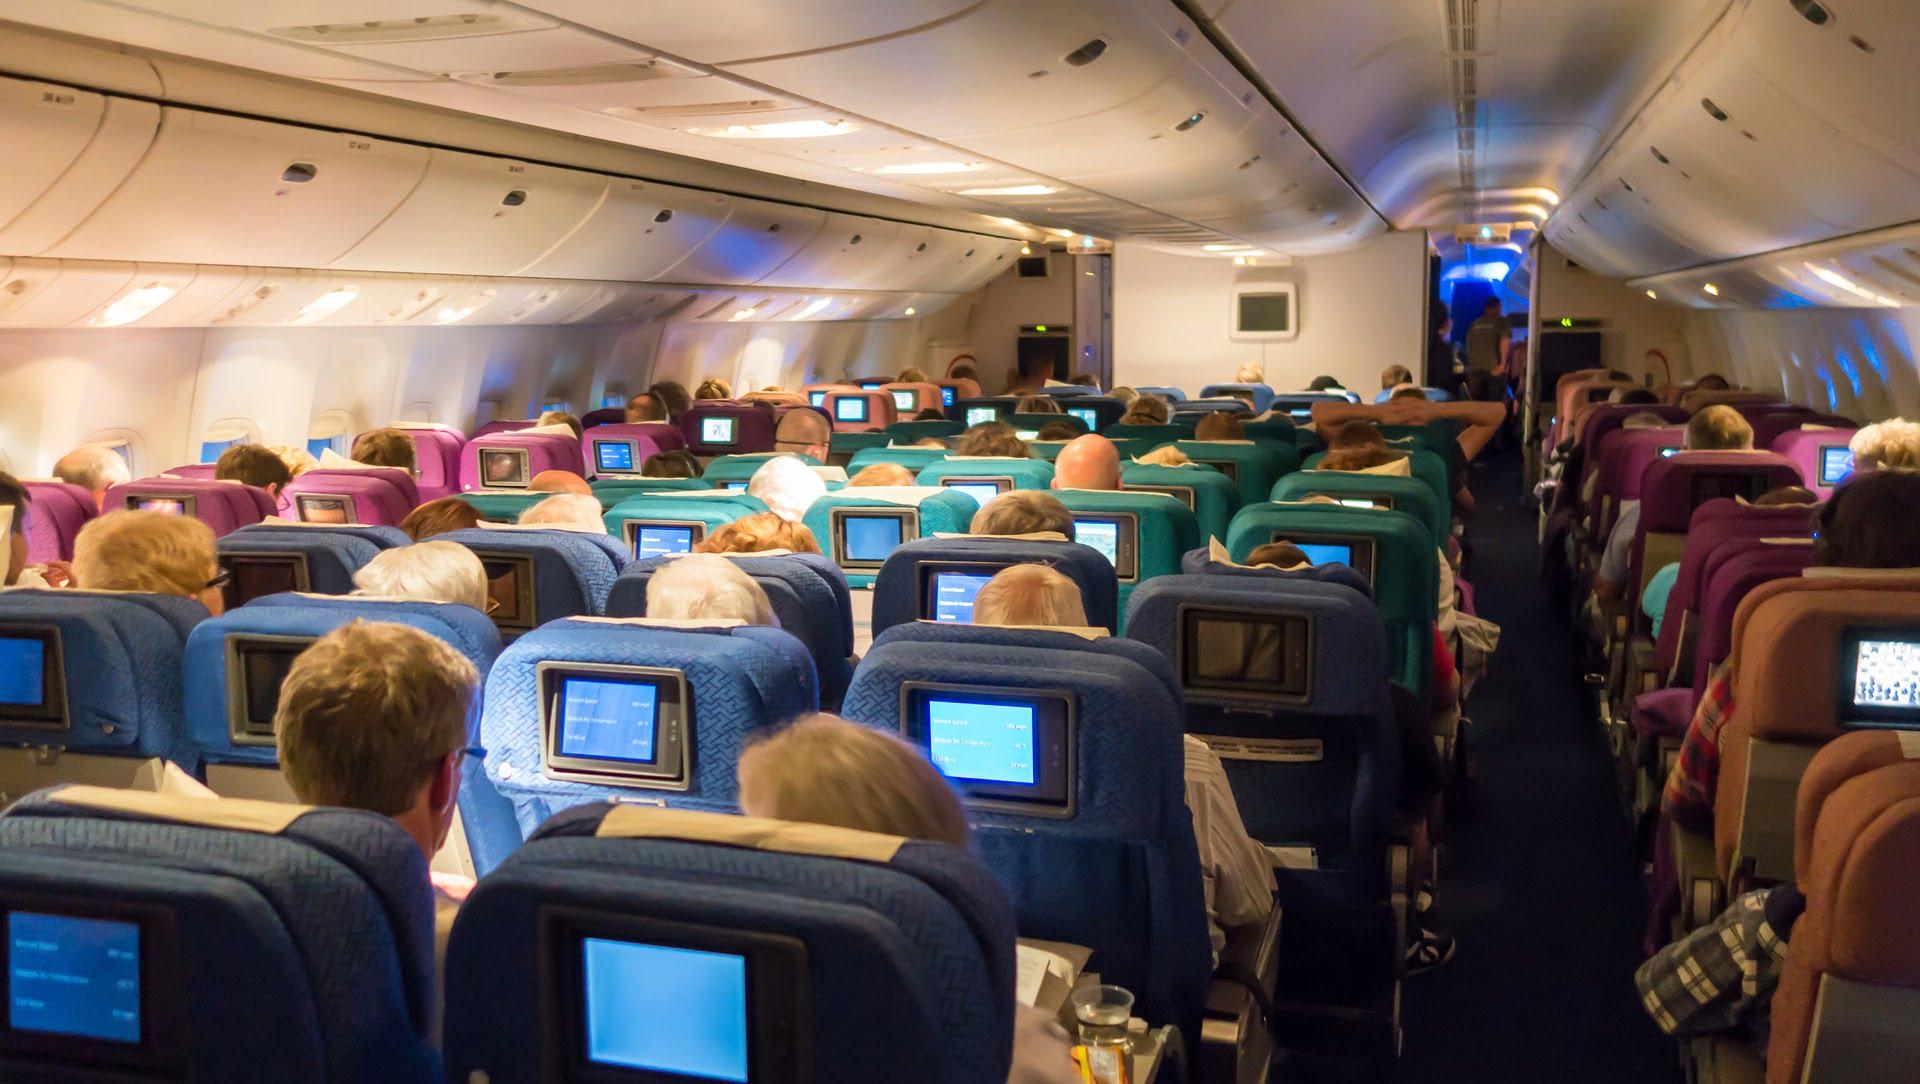 in-flight Dining hacks